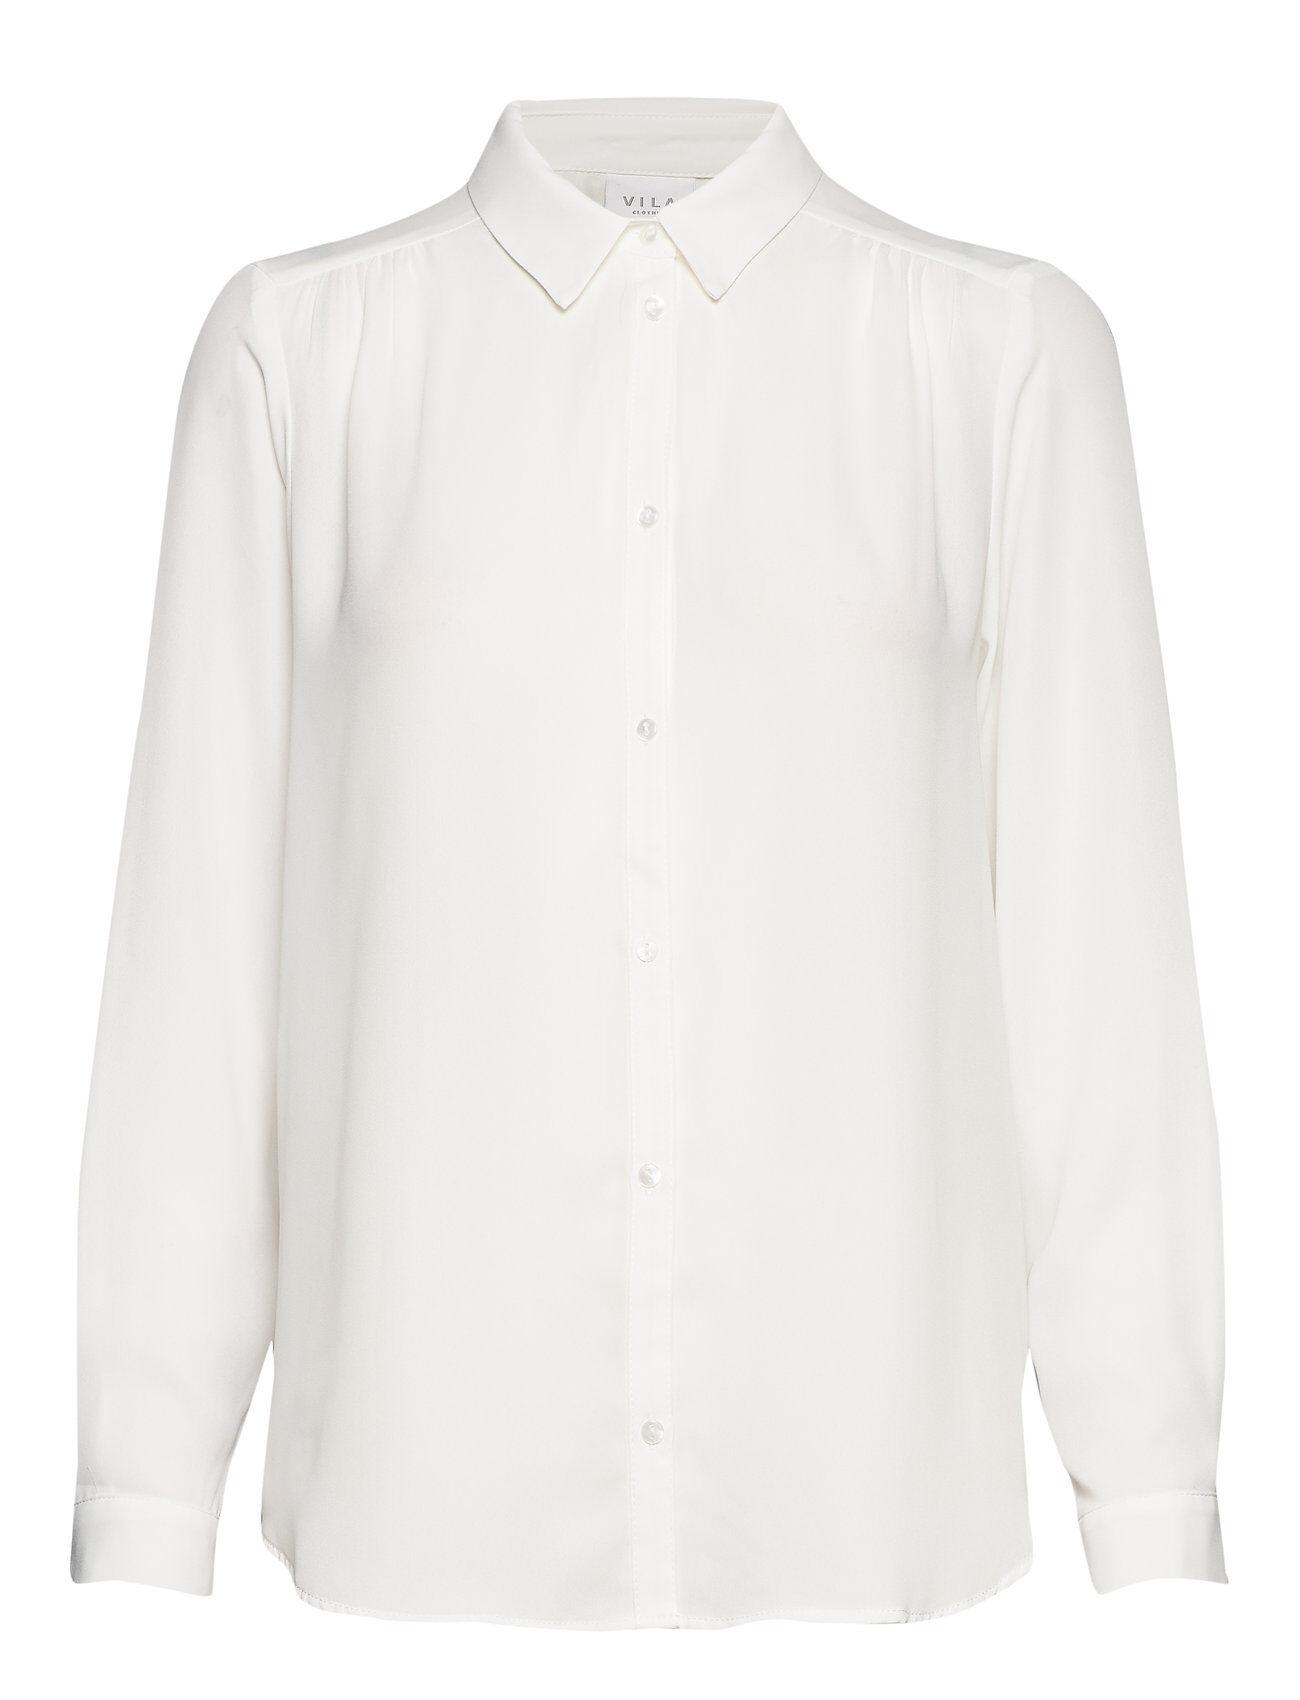 Vila Vilucy L/S Button Shirt - Noos Pitkähihainen Paita Valkoinen Vila